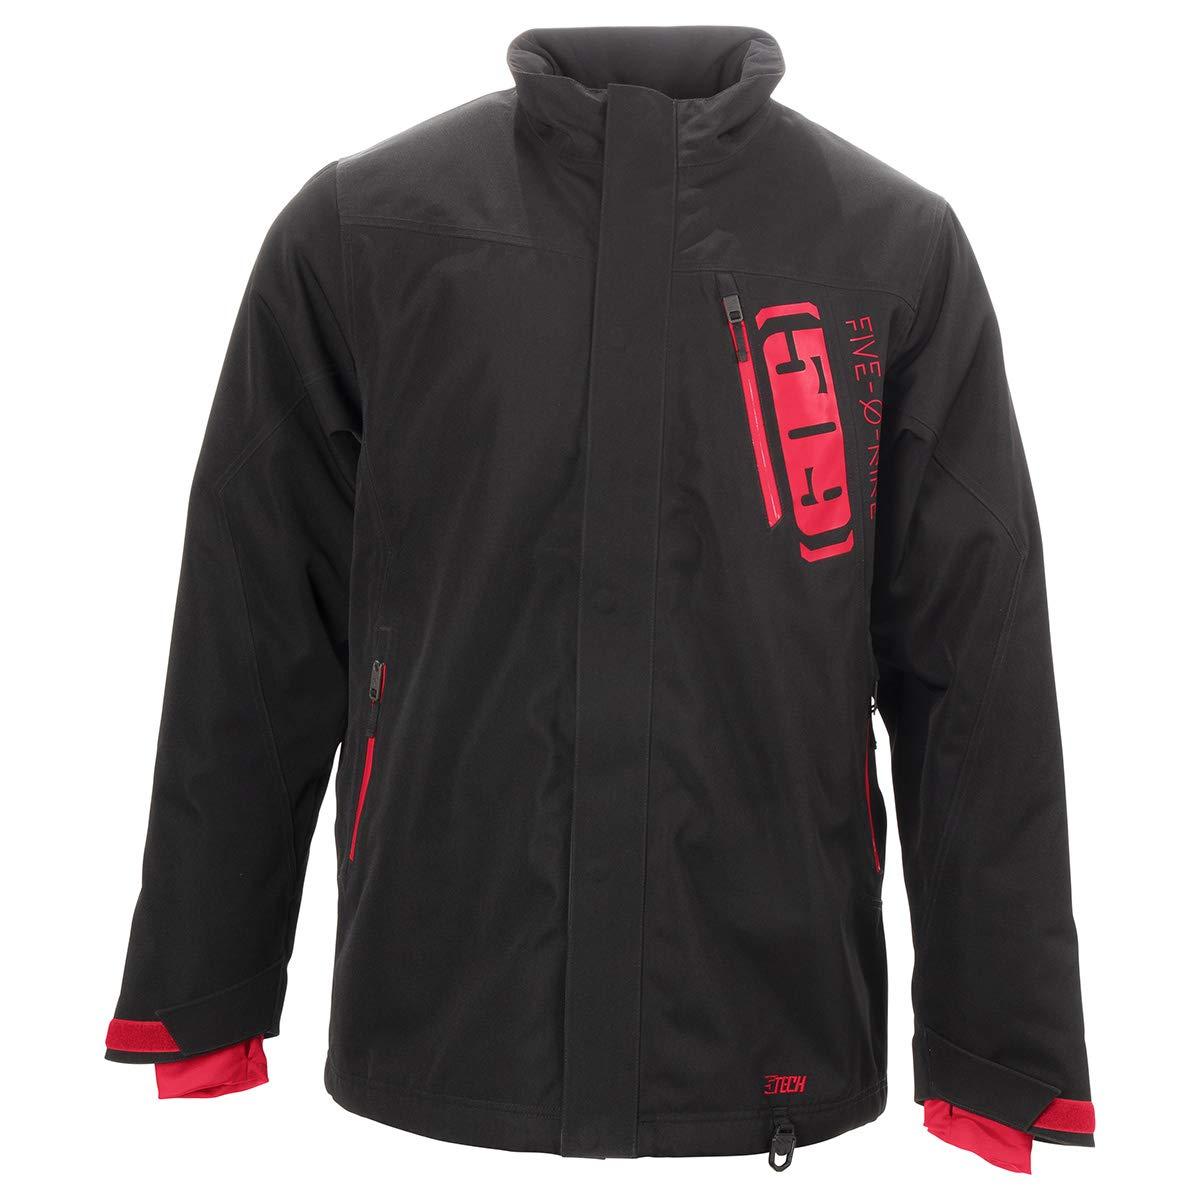 Black Ops - 2X-Large 509 Range Insulated Jacket